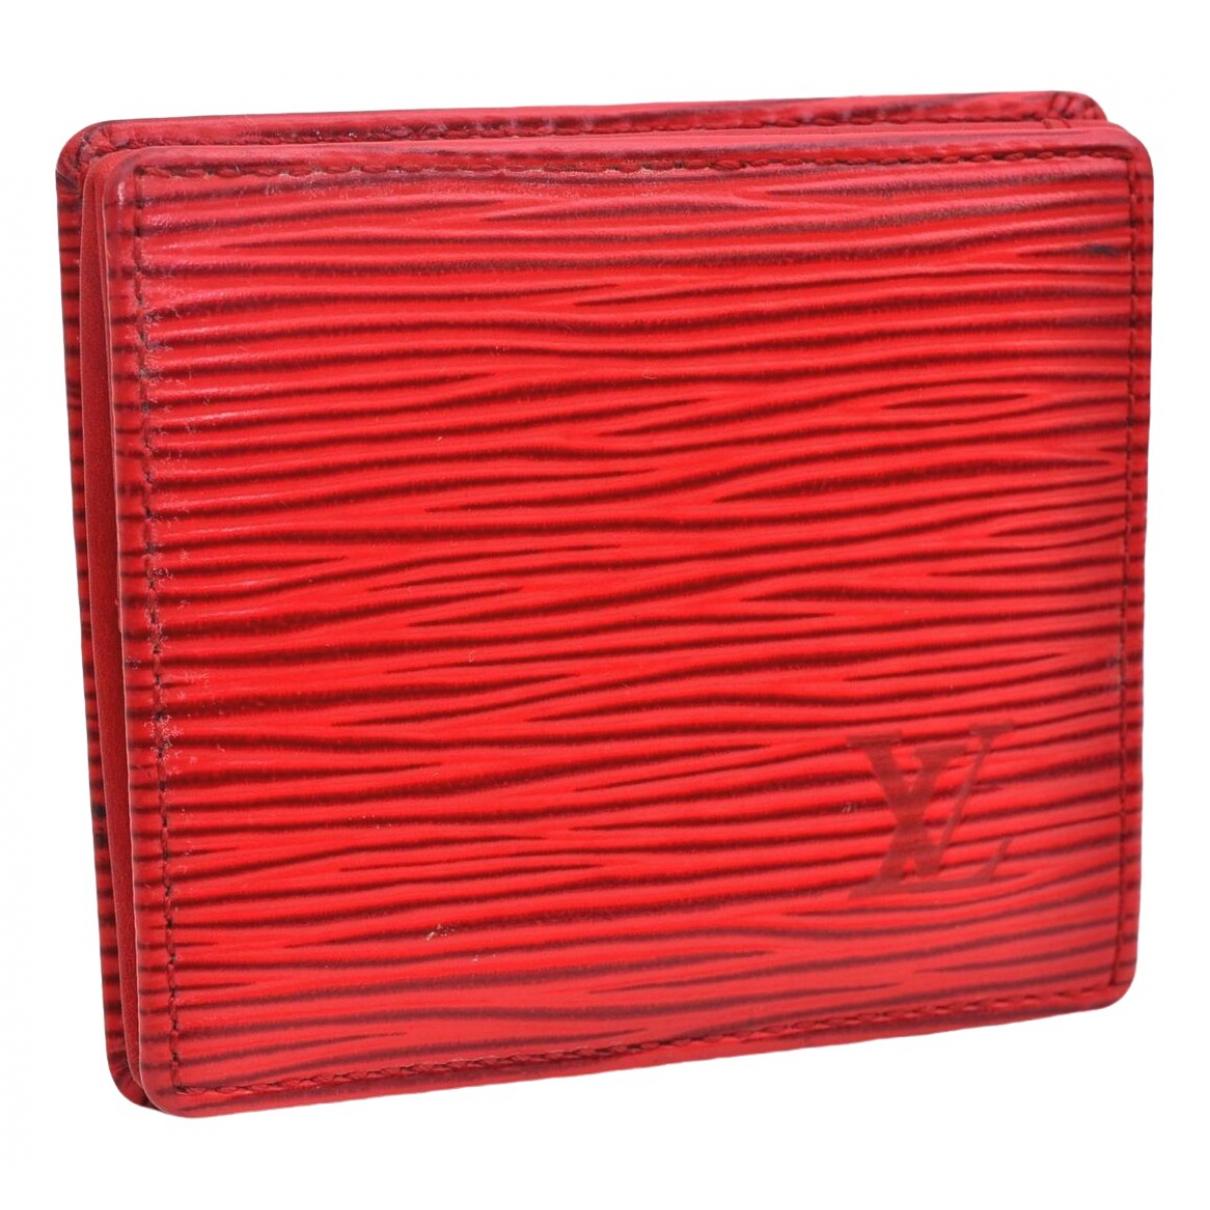 Louis Vuitton - Sac a main   pour femme en cuir - rouge